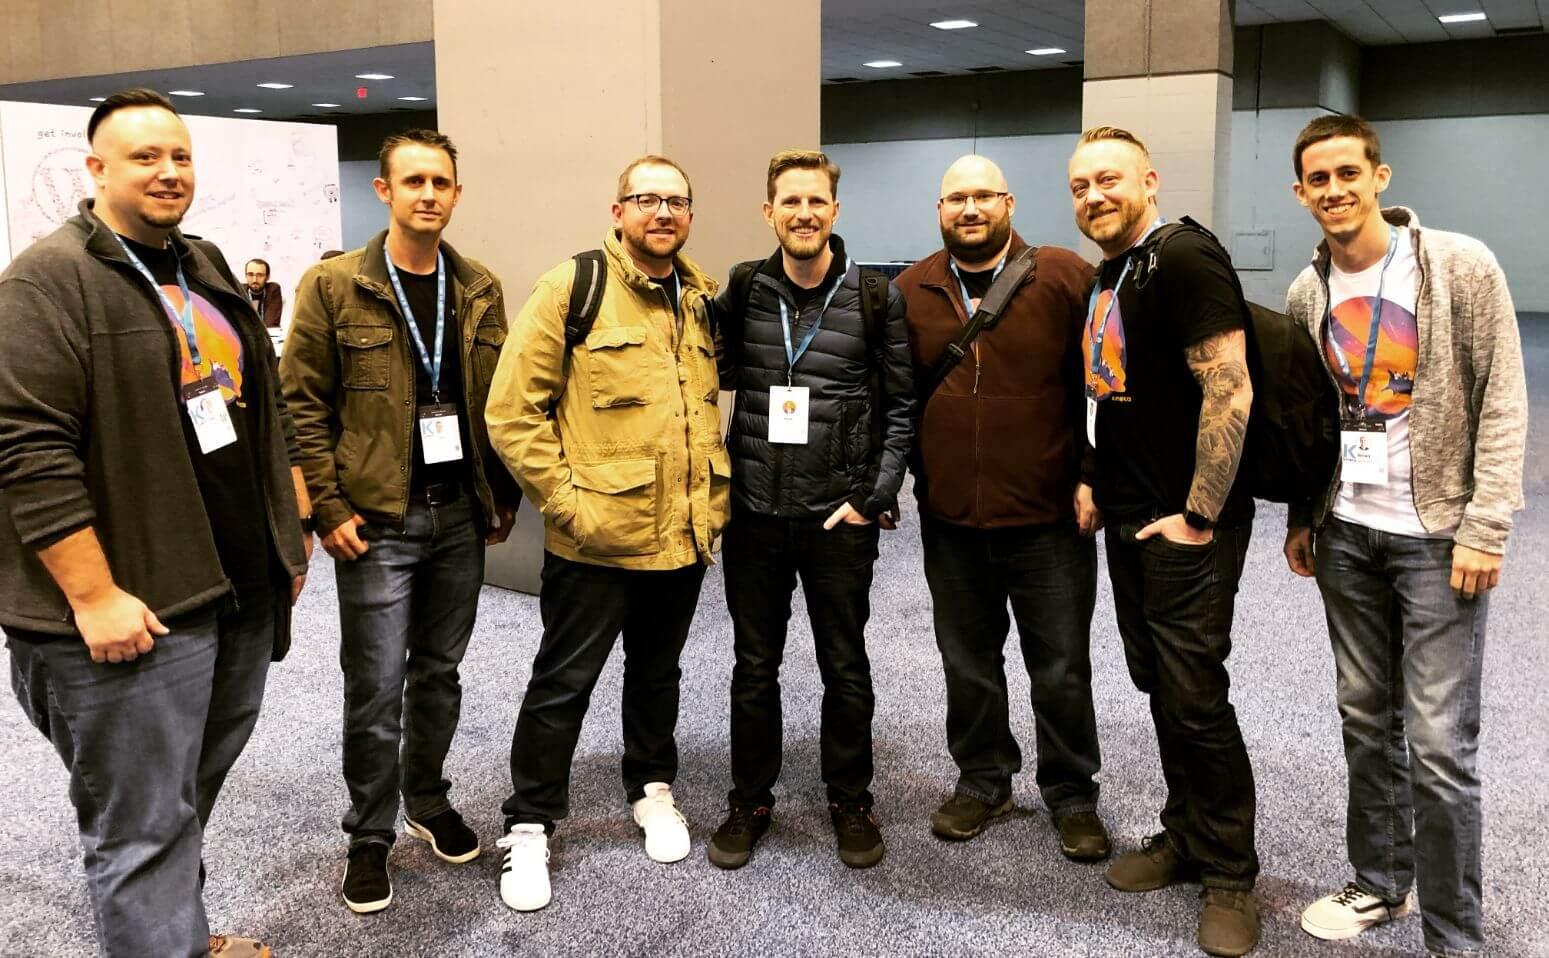 Das Kinsta-Team mit Matt Mullenweg im WordCamp US